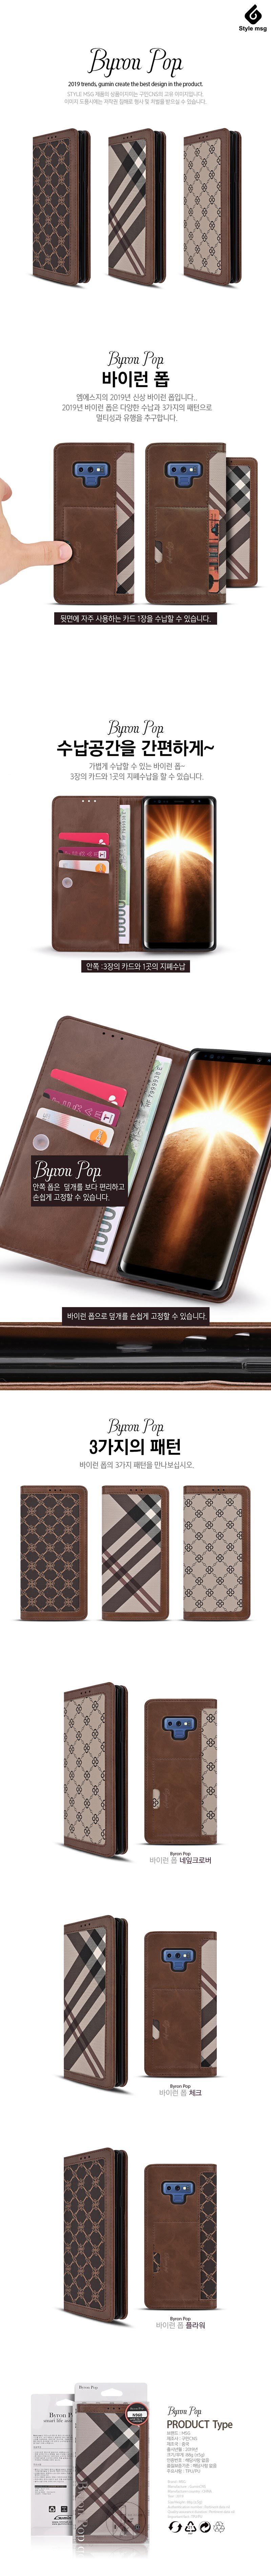 갤럭시노트8 바이런 팝 카드수납 지갑형 다이어리 케이스 - 쓰리엑스, 7,500원, 케이스, 갤럭시노트8